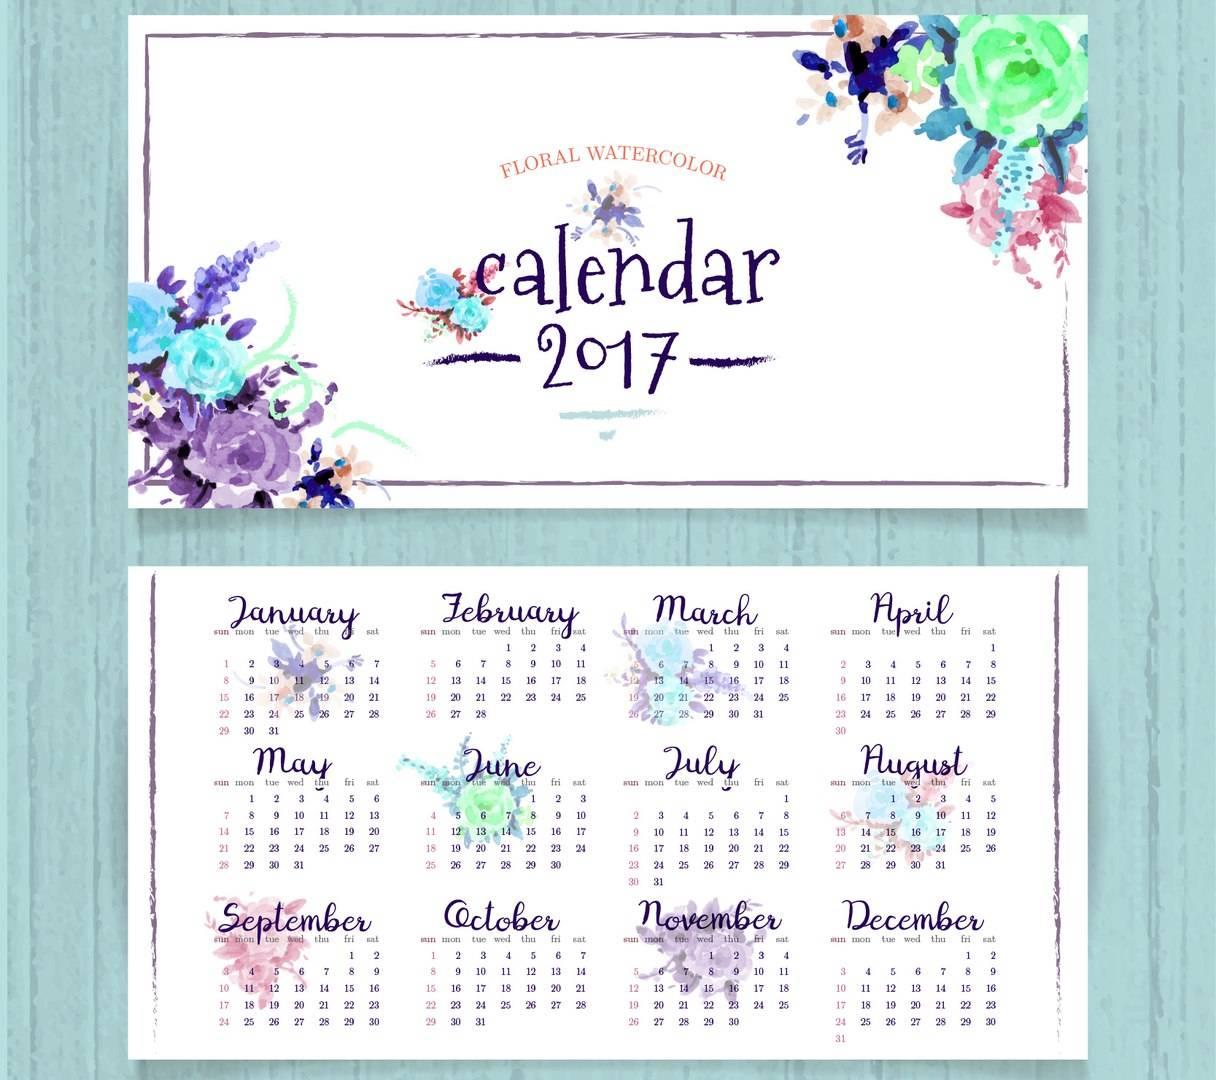 vektornyj-shablon-kalendarya-na-2017-god-15